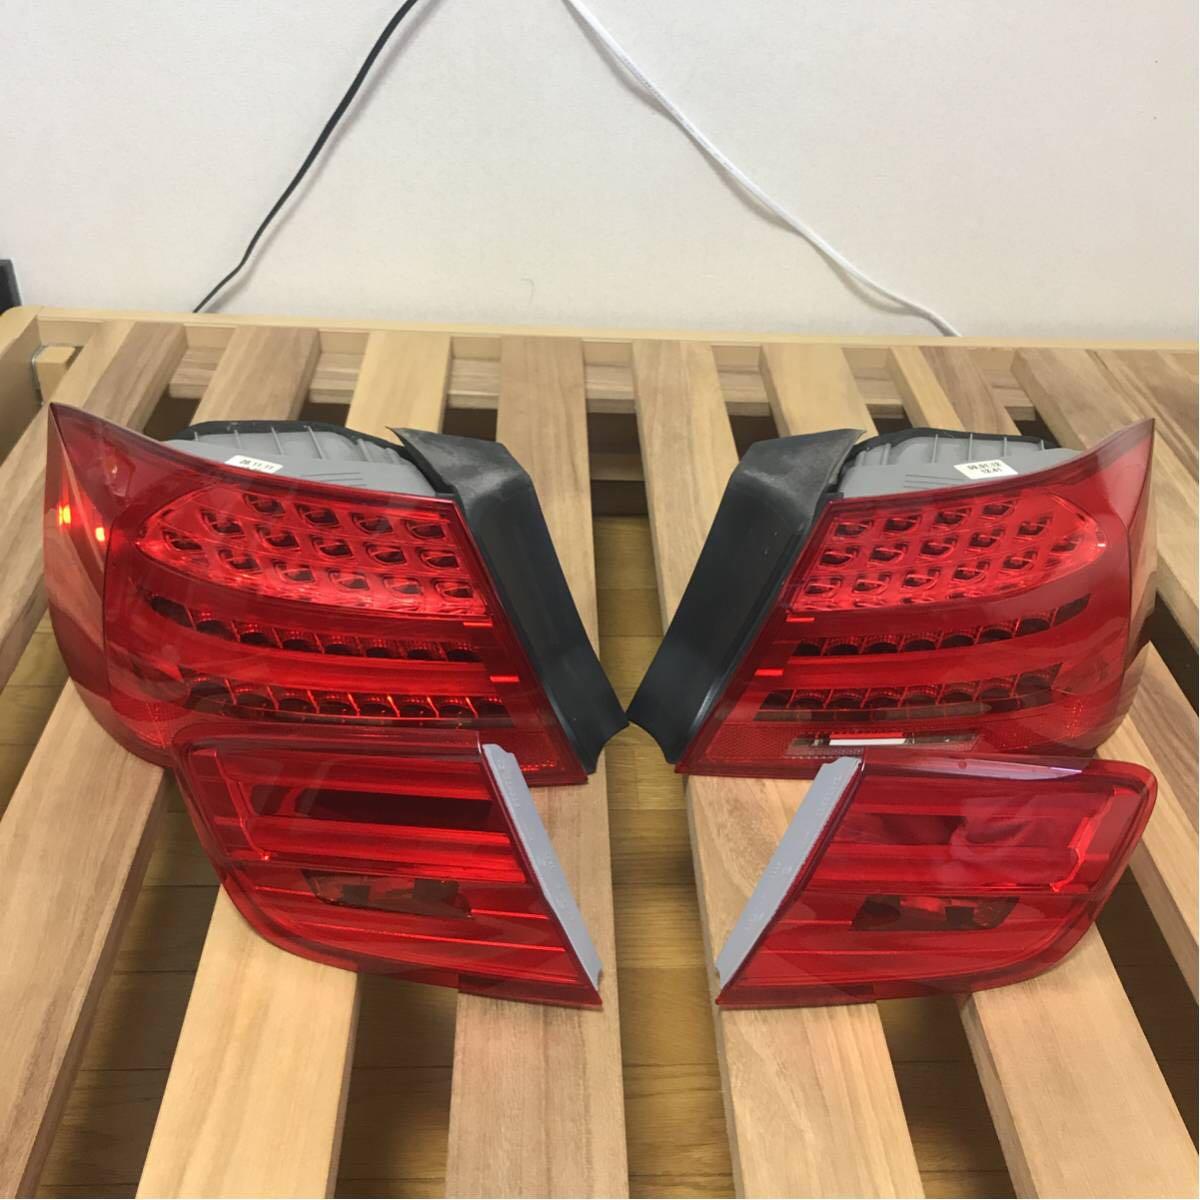 BMW e92 LCIテールランプ 純正 レトロフィットハーネス付き